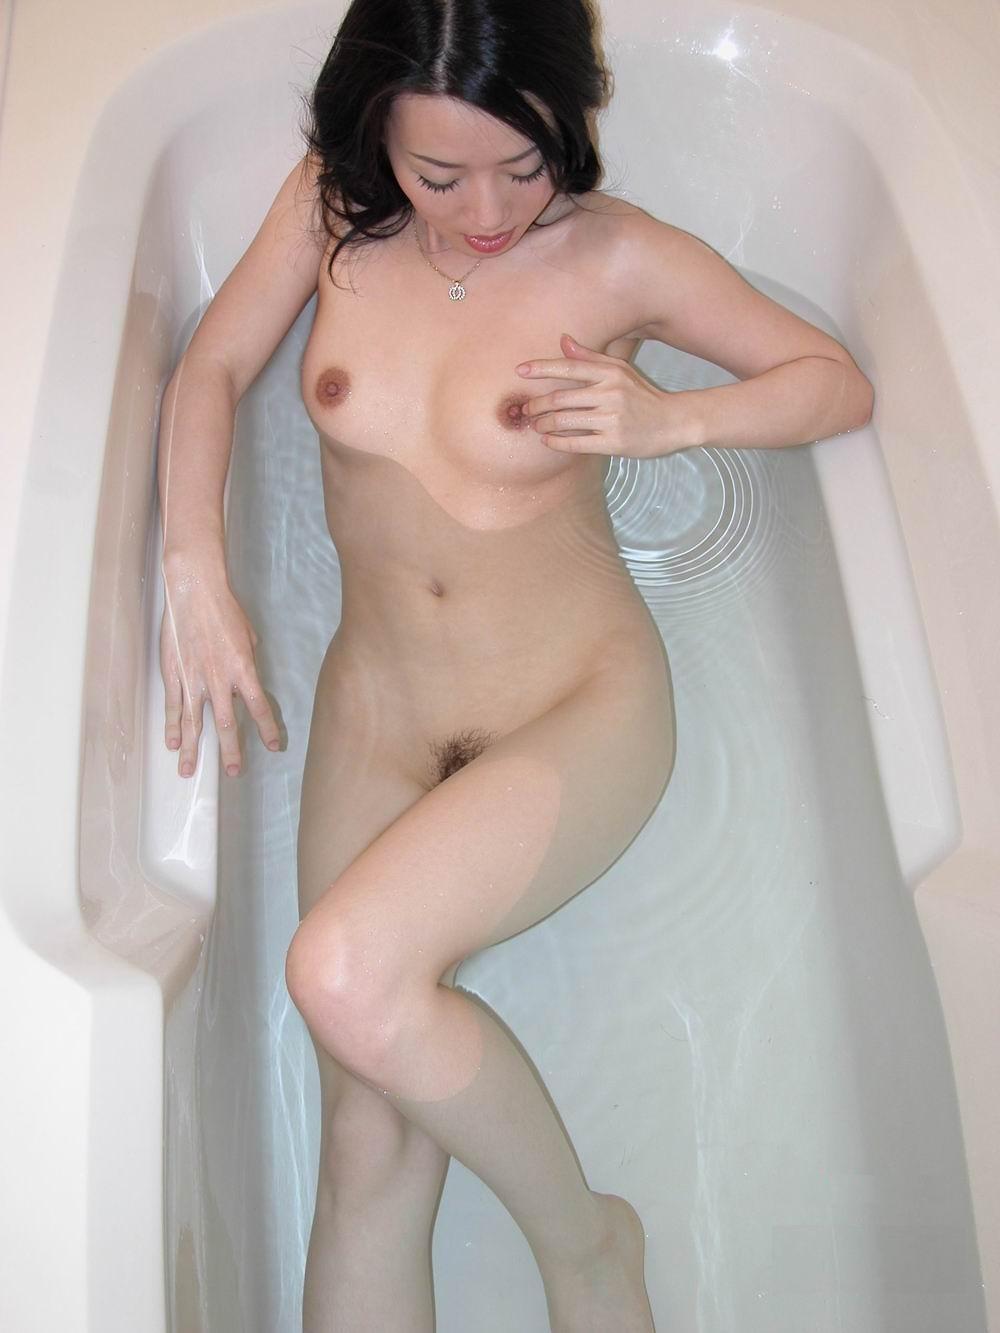 Китайская красотка в ванной совращает зрителей своими формами